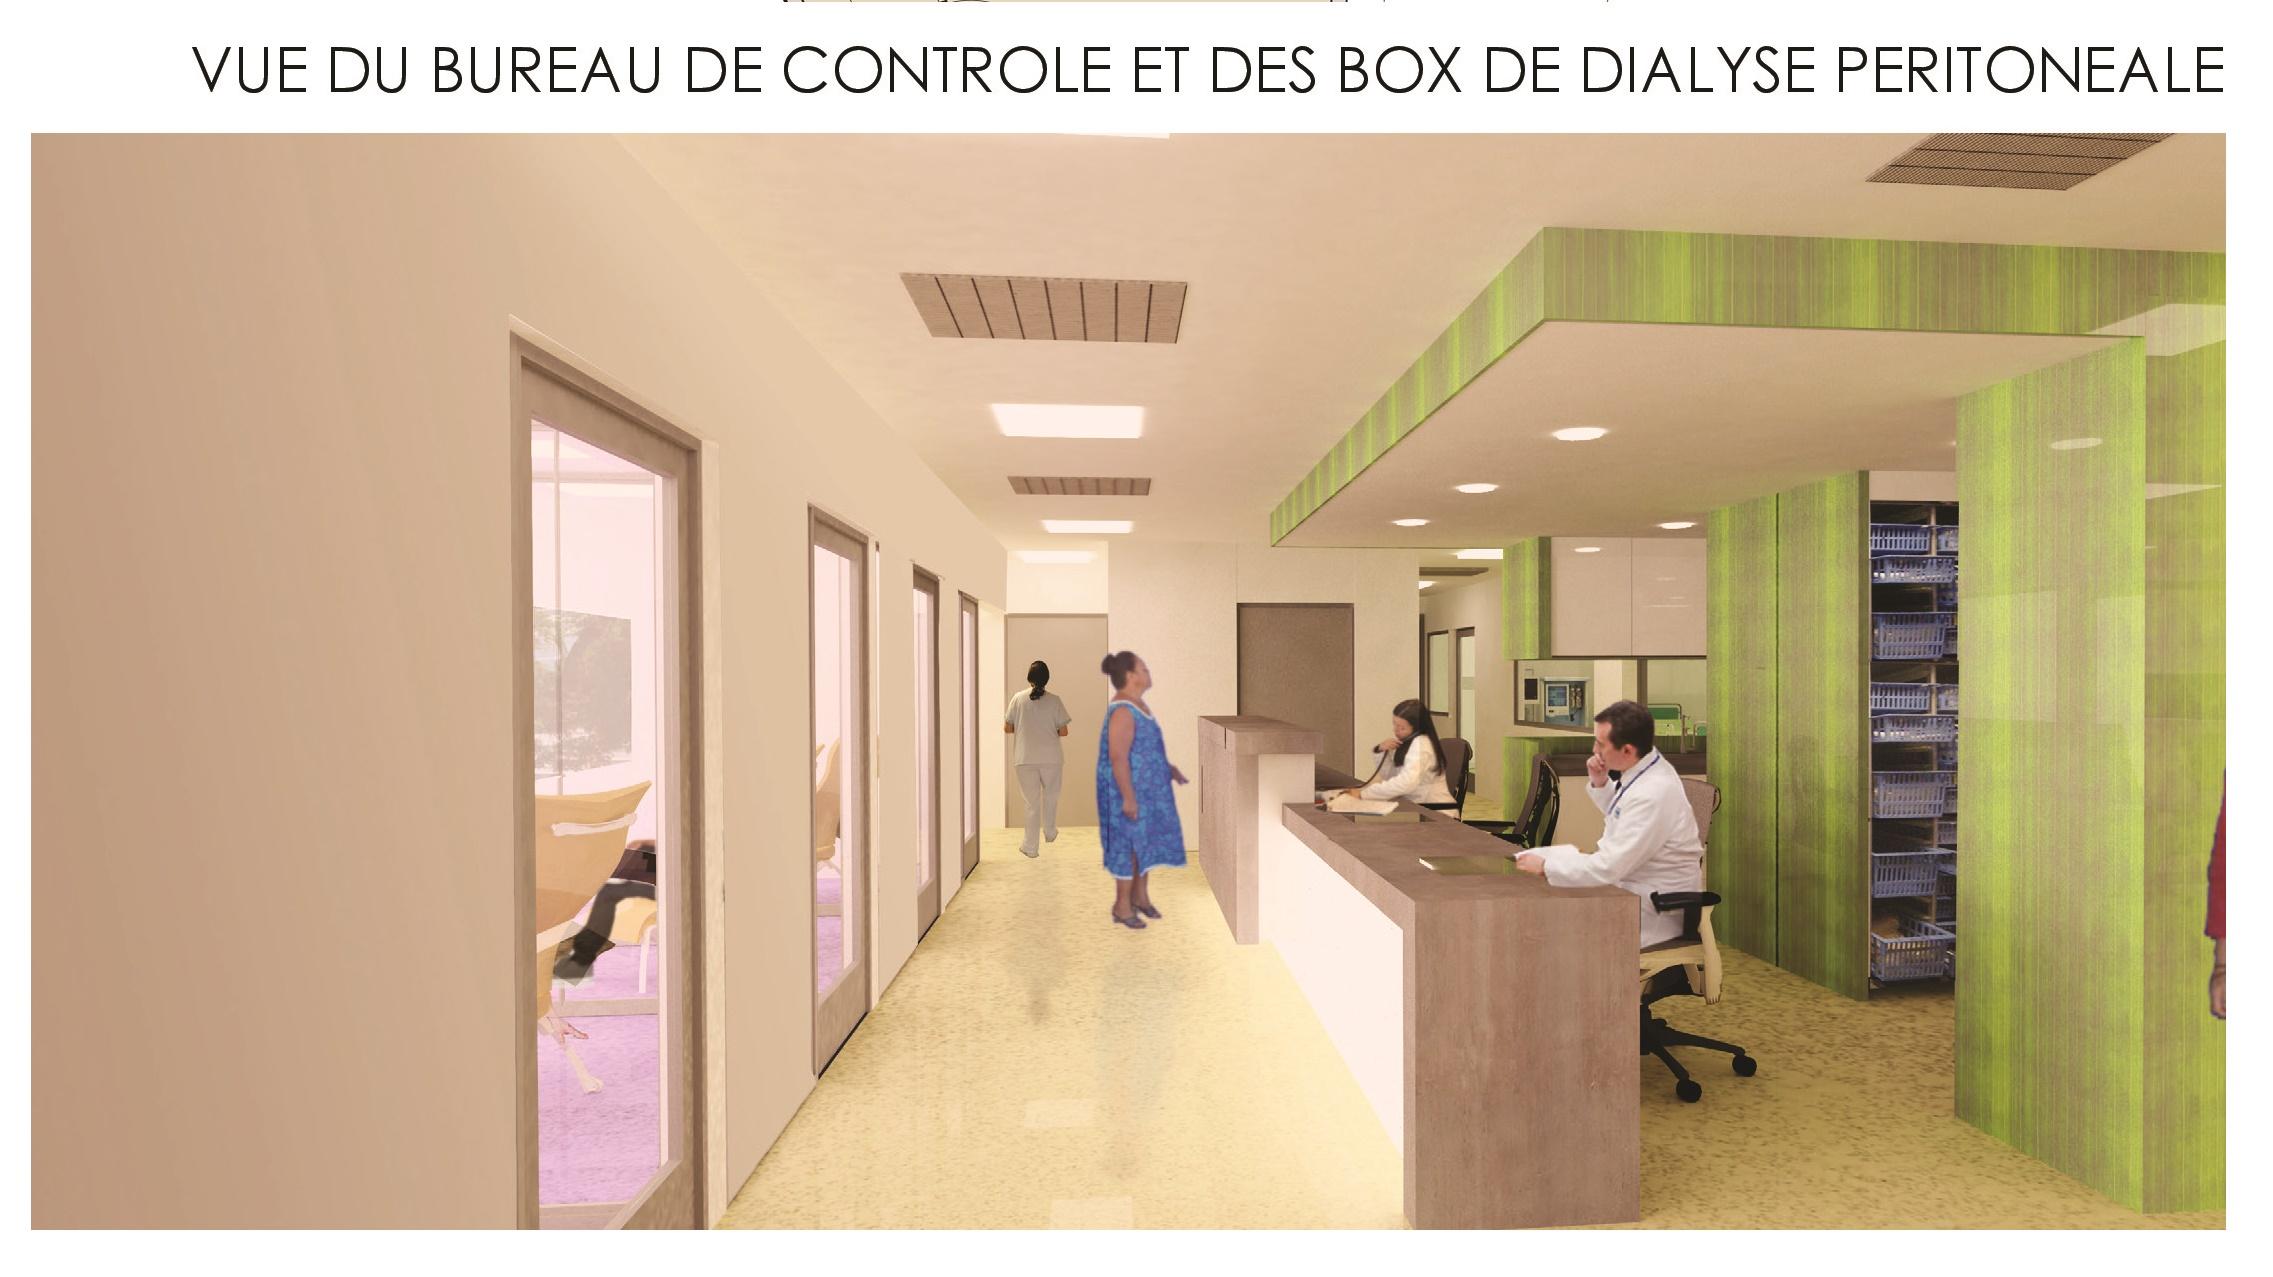 Dialyse : le Pays a jusqu'au 1er décembre pour réglementer